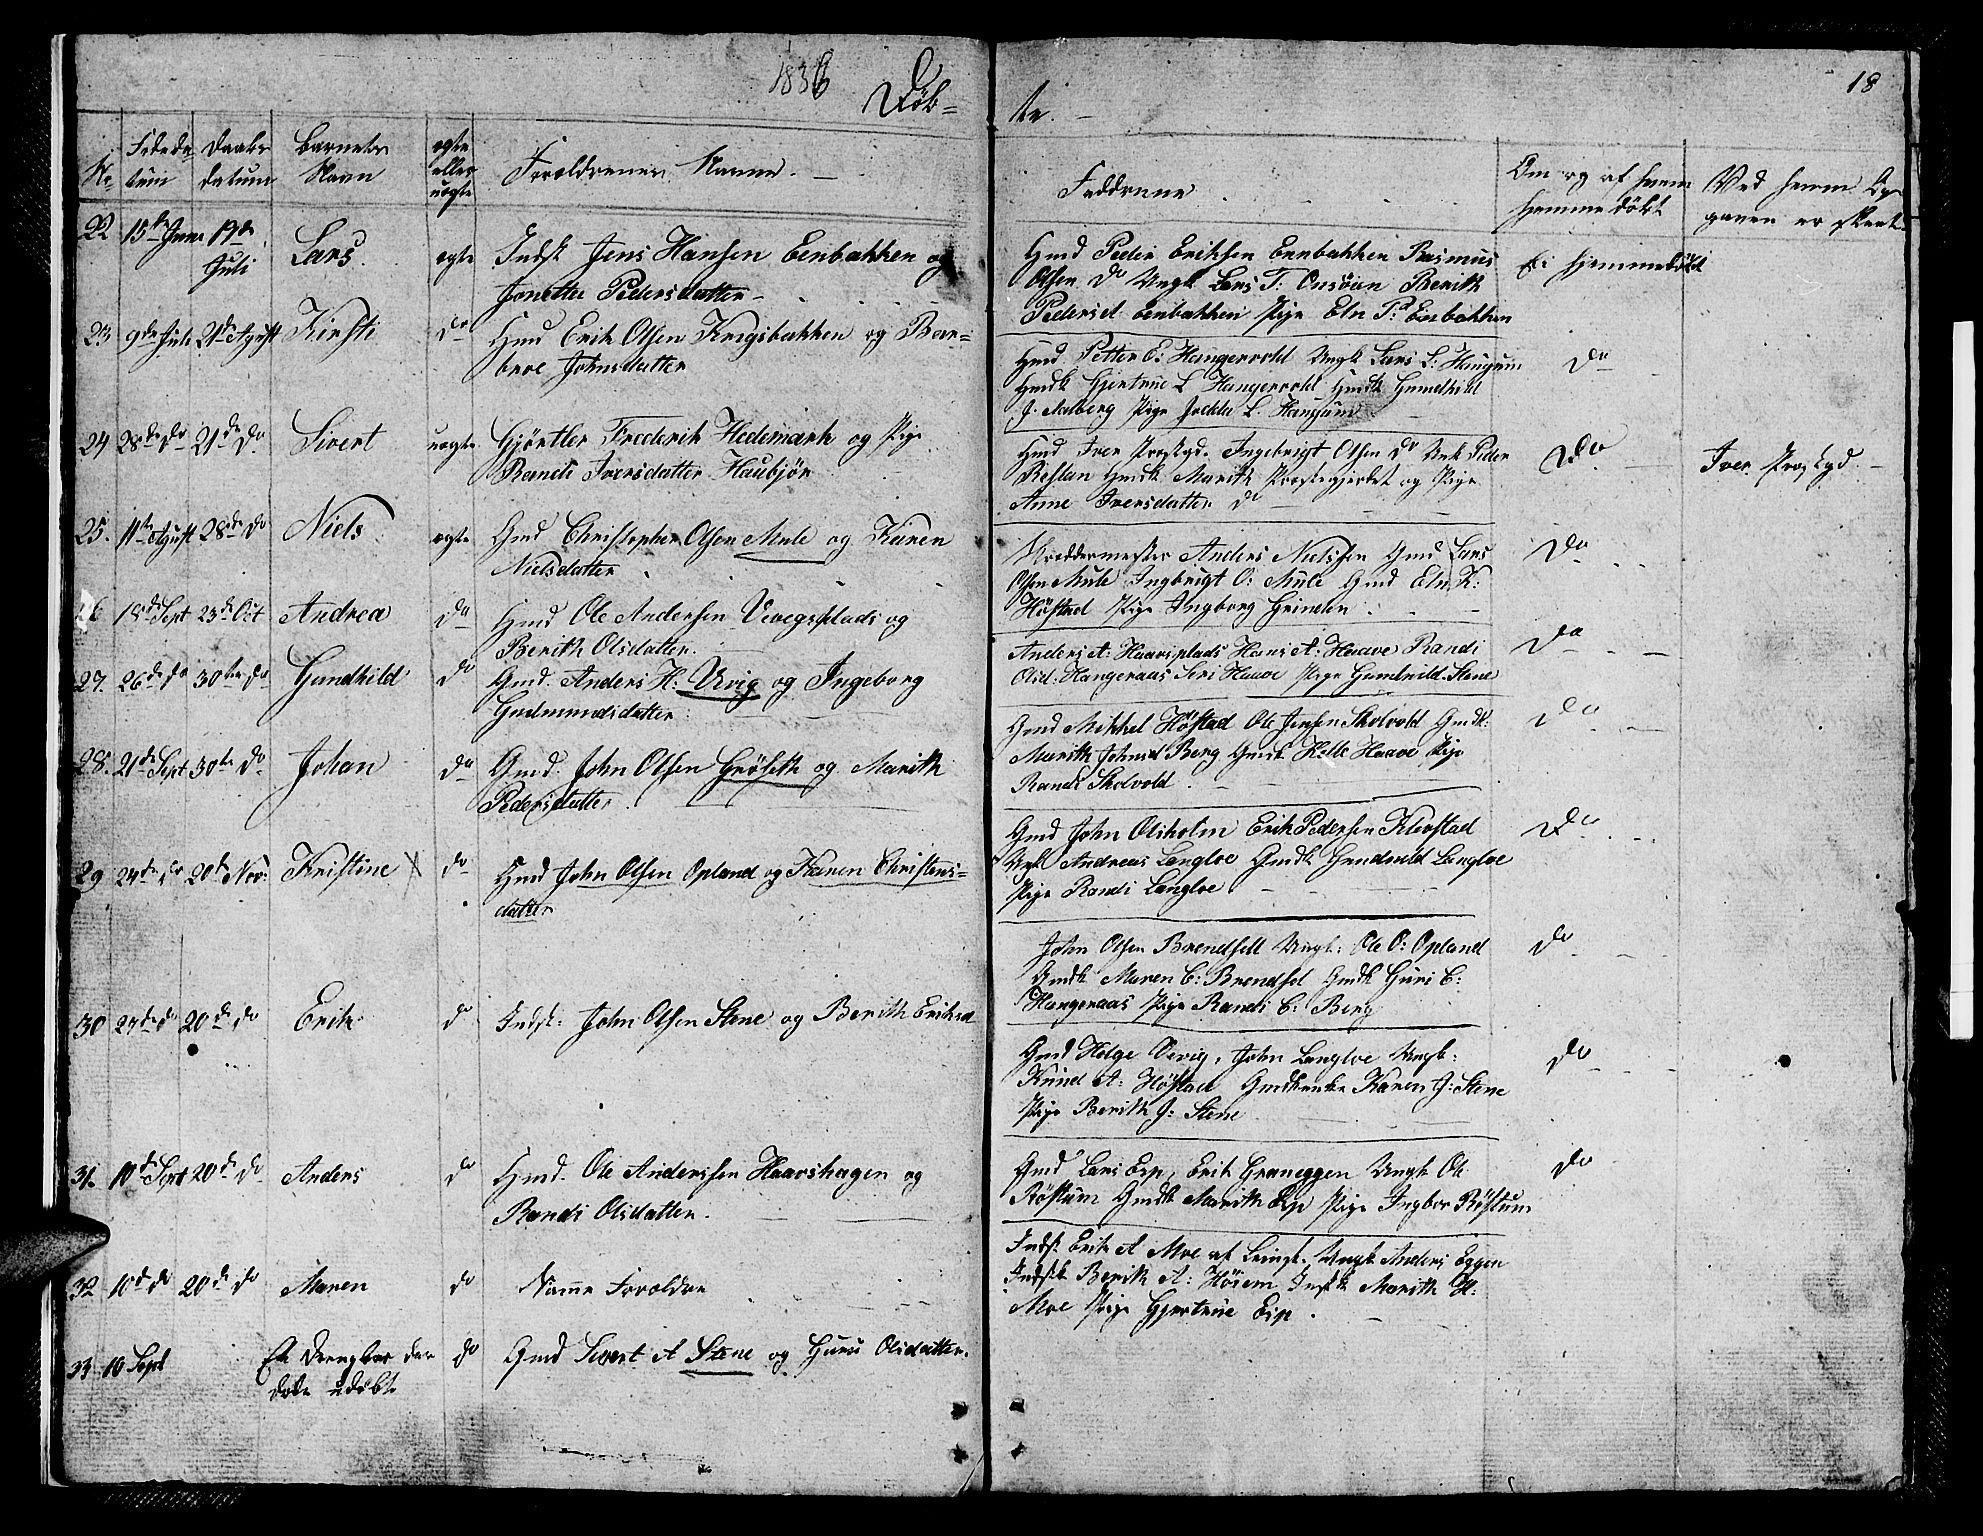 SAT, Ministerialprotokoller, klokkerbøker og fødselsregistre - Sør-Trøndelag, 612/L0386: Klokkerbok nr. 612C02, 1834-1845, s. 18